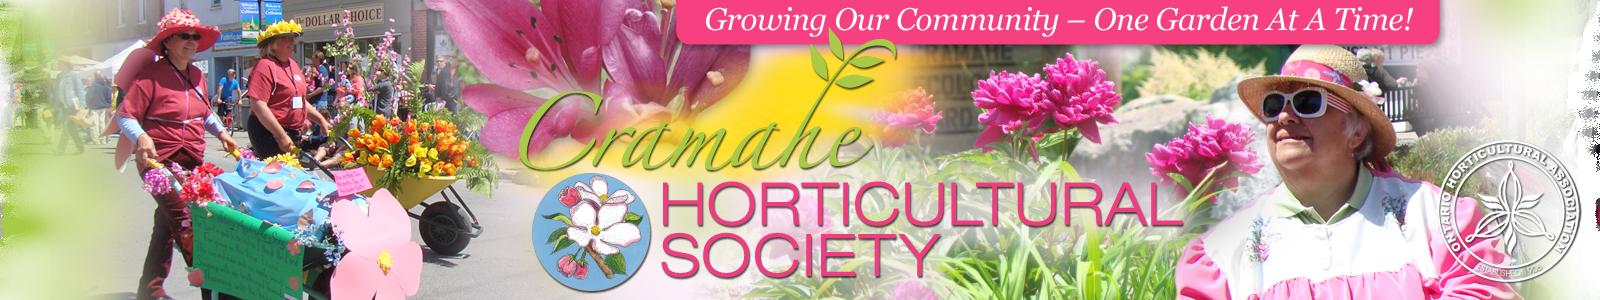 Cramahe Horticultural Society